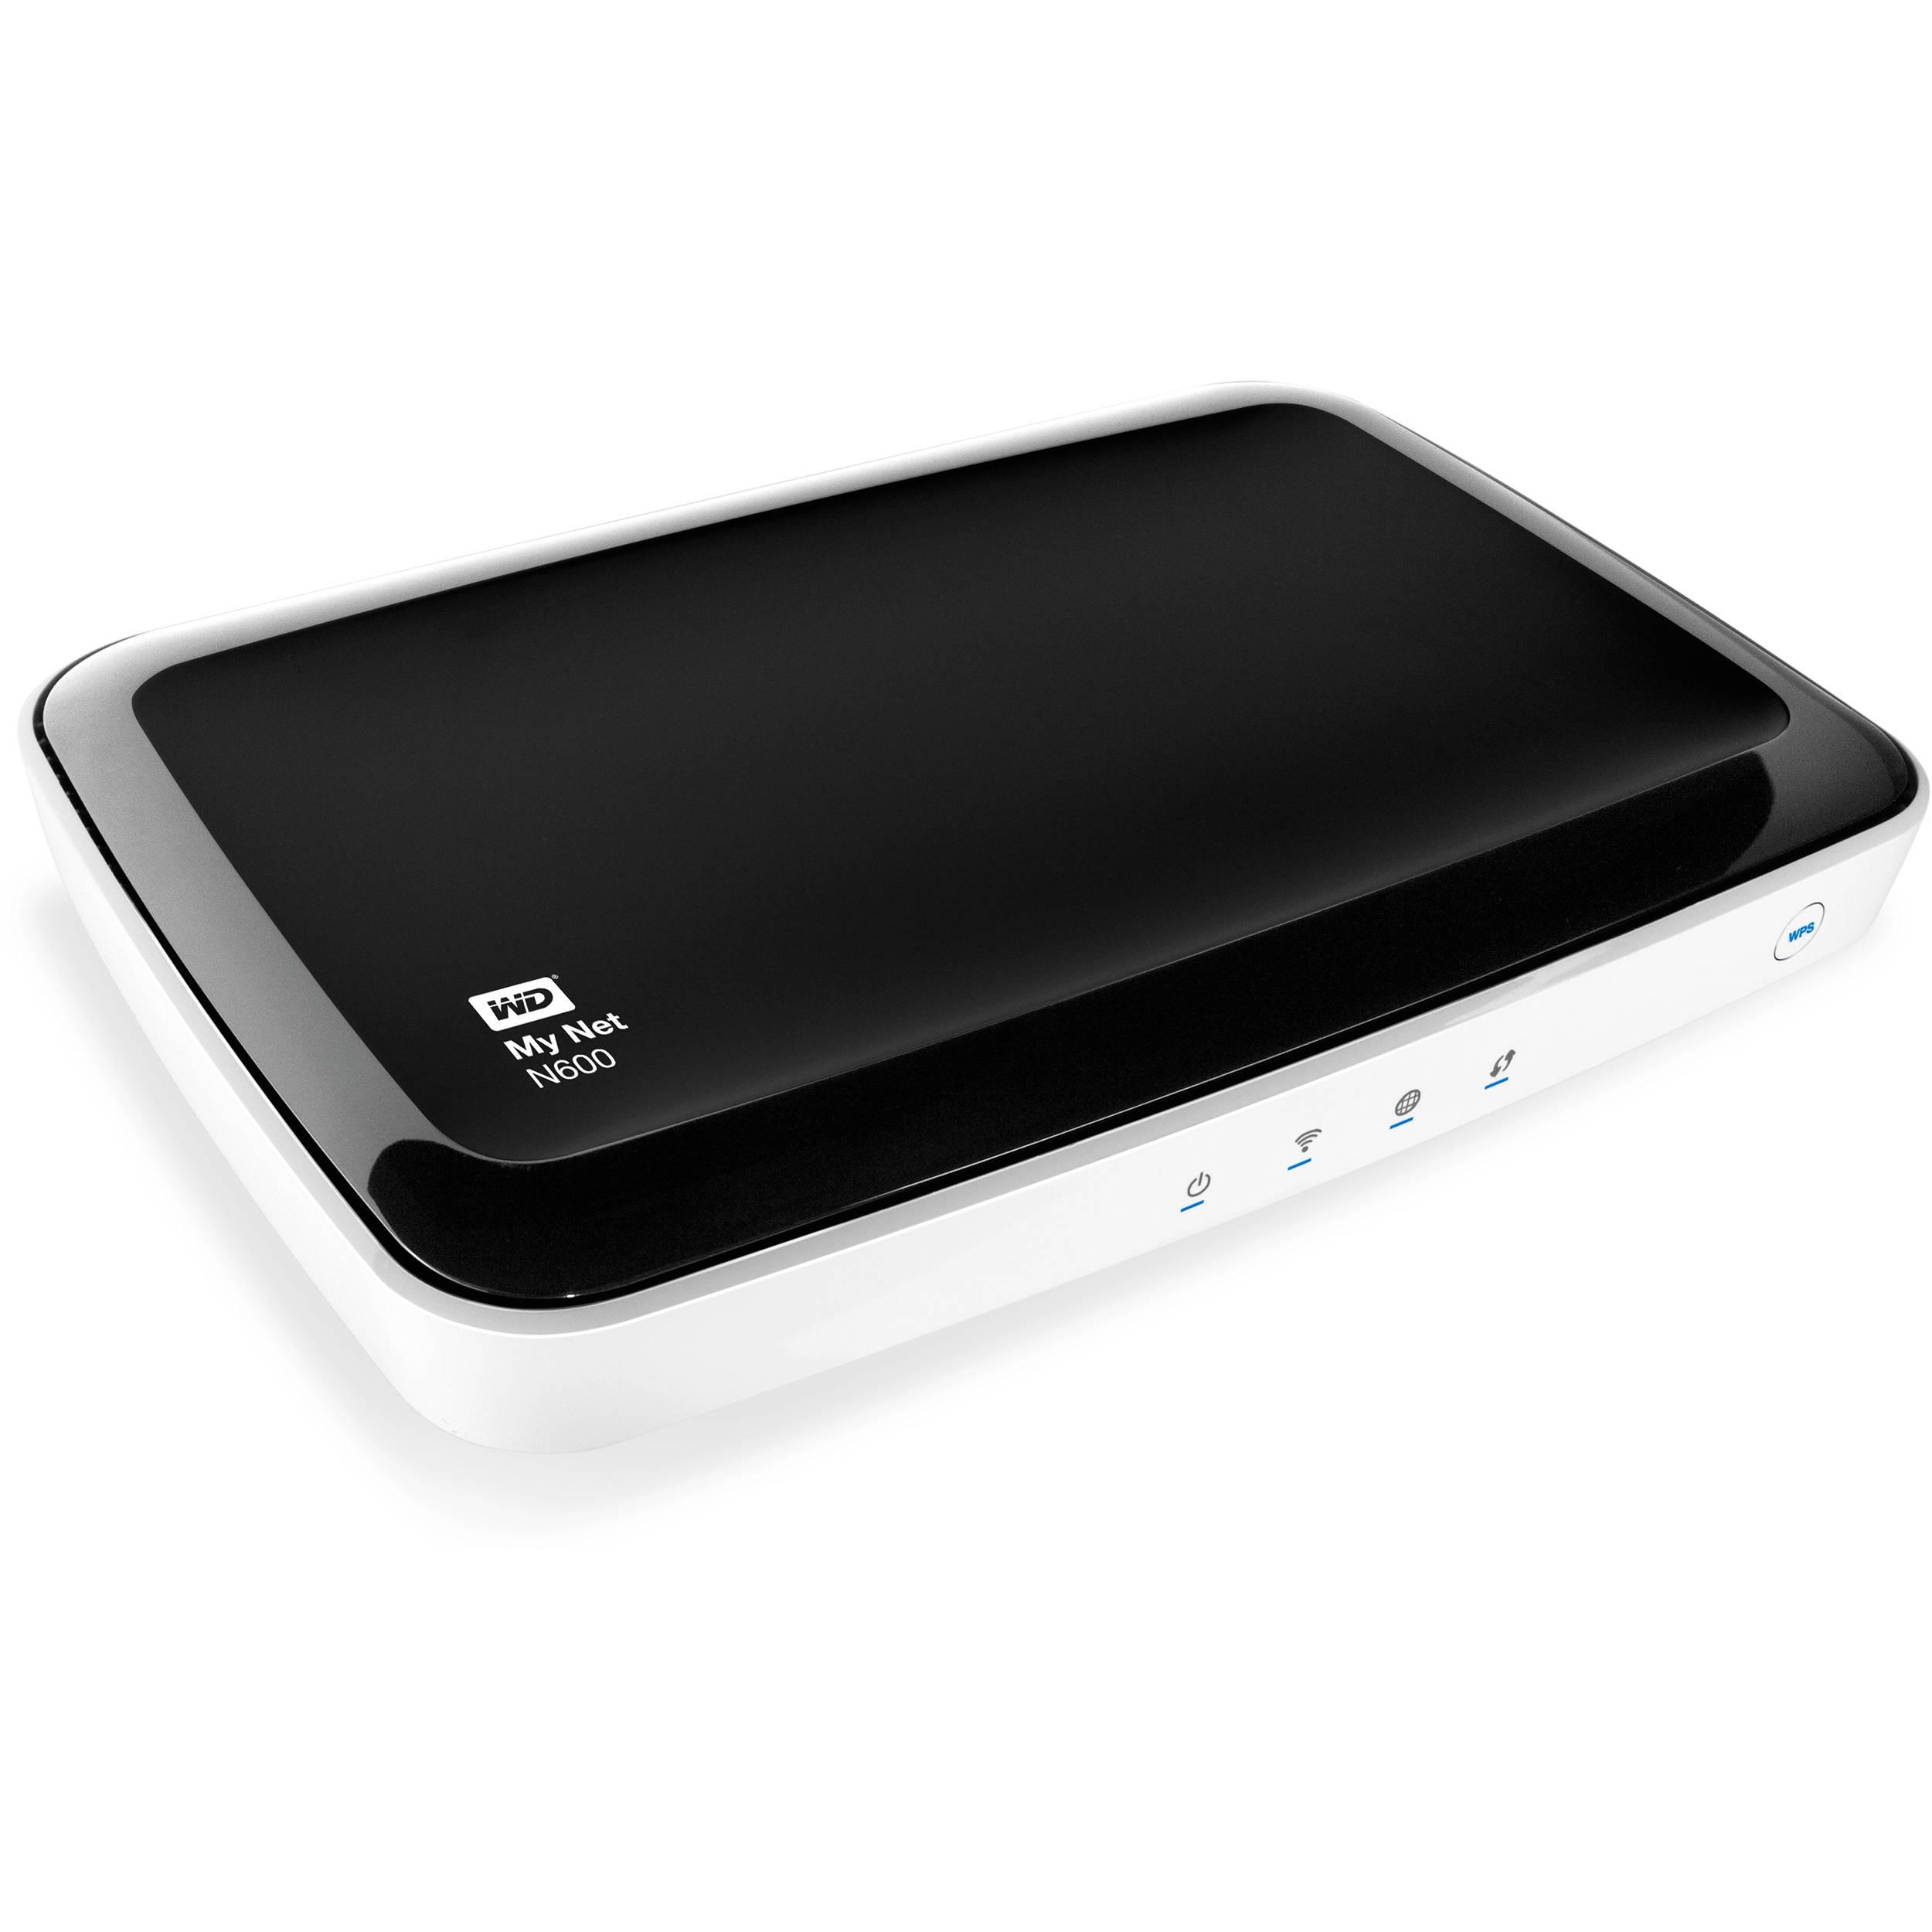 Western Digital N600 User Manual